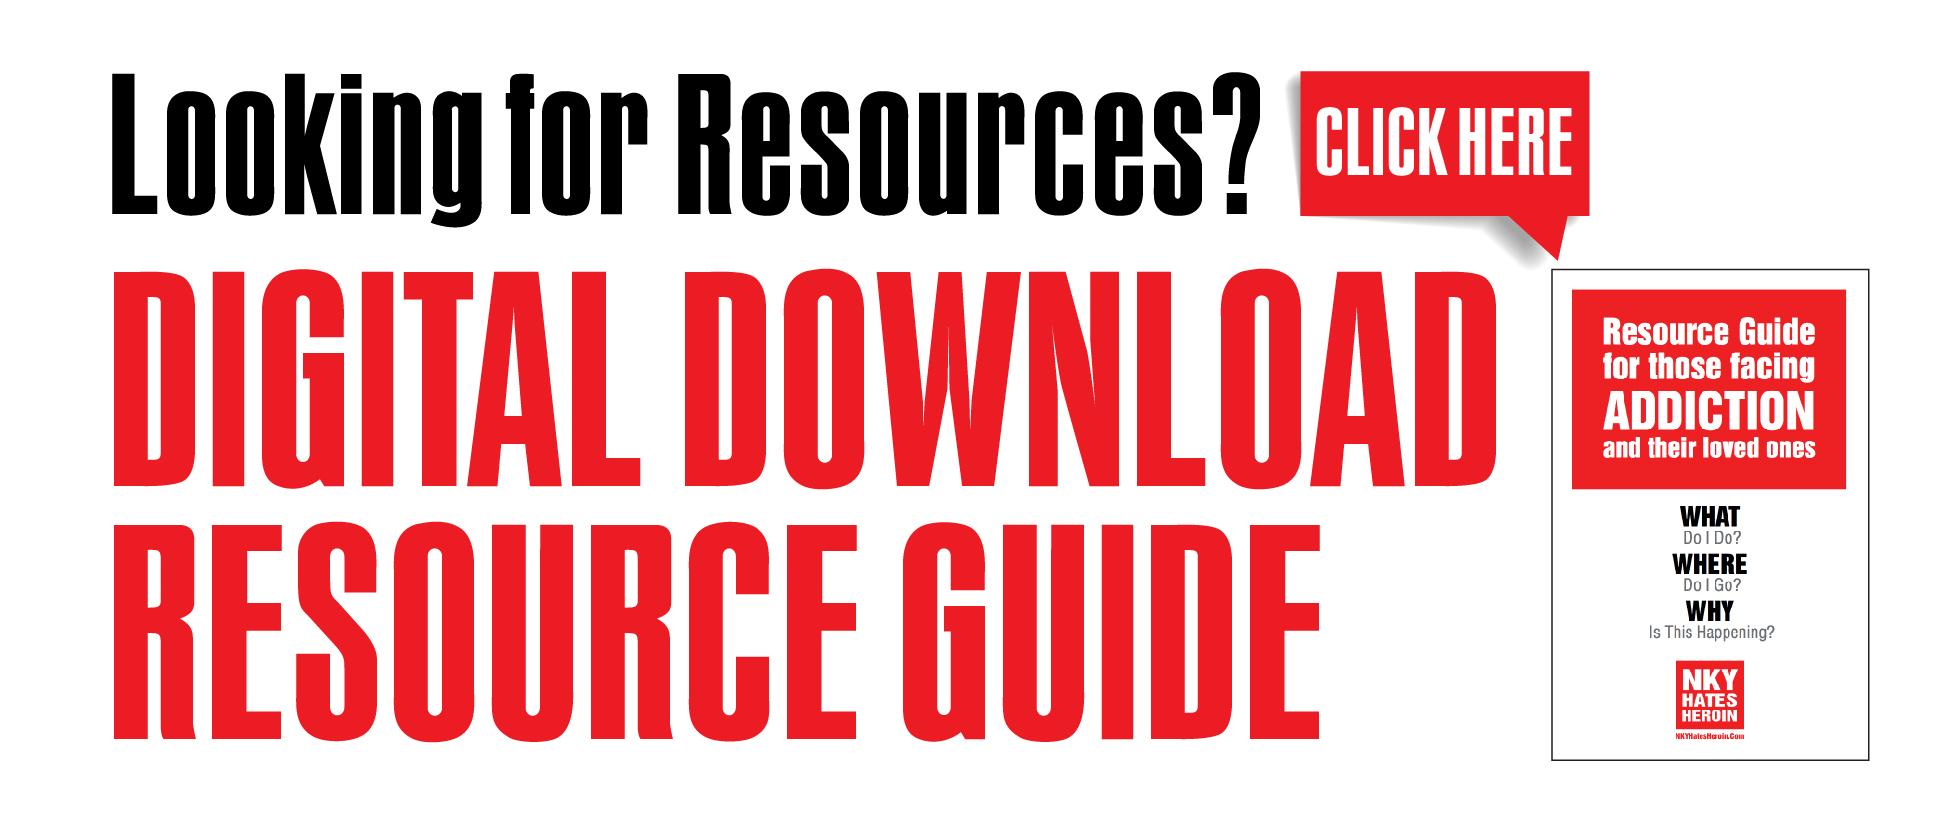 ResourceGuideBlogHeader-03